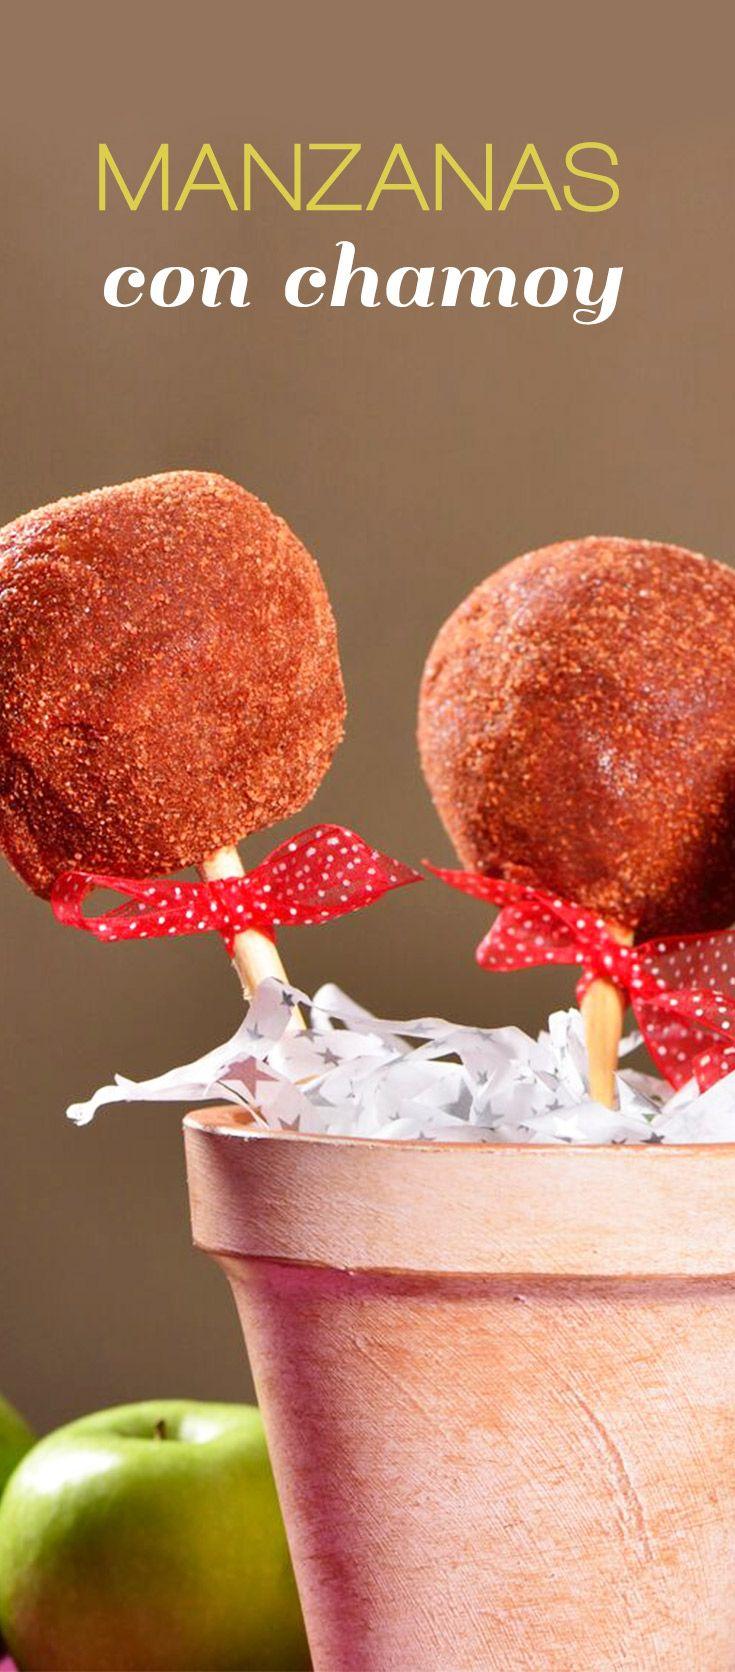 Prepara estas deliciosas y picositas manzanas cubiertas con chamoy, te encantarán y en las fiestas serán la sensación de tus fiestas, tus invitados quedarán encantados.